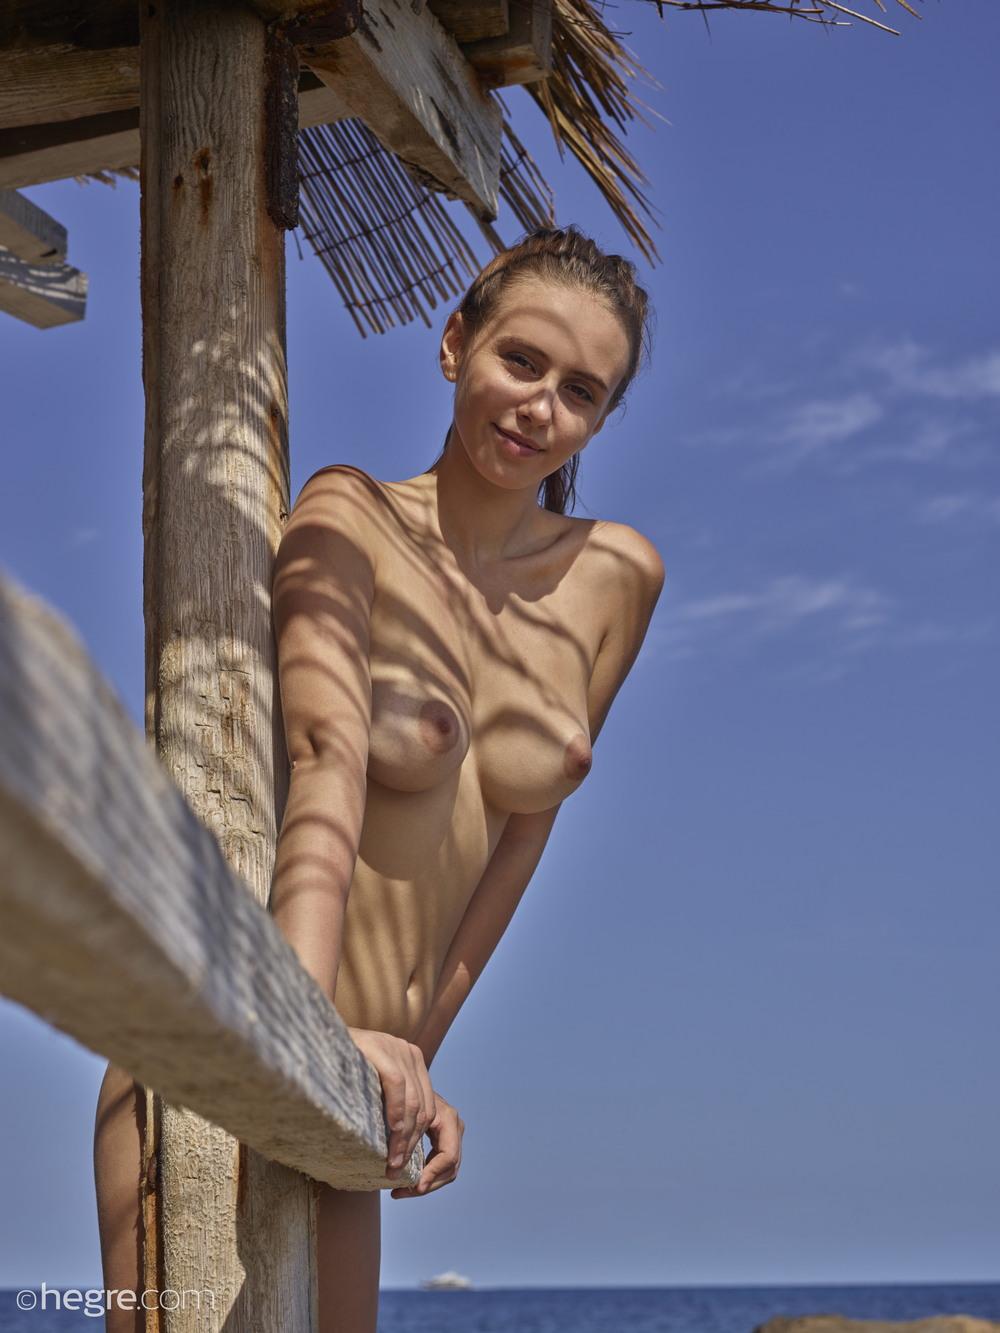 Обнаженная Алиса принимает солнечные ванны на  Ибице